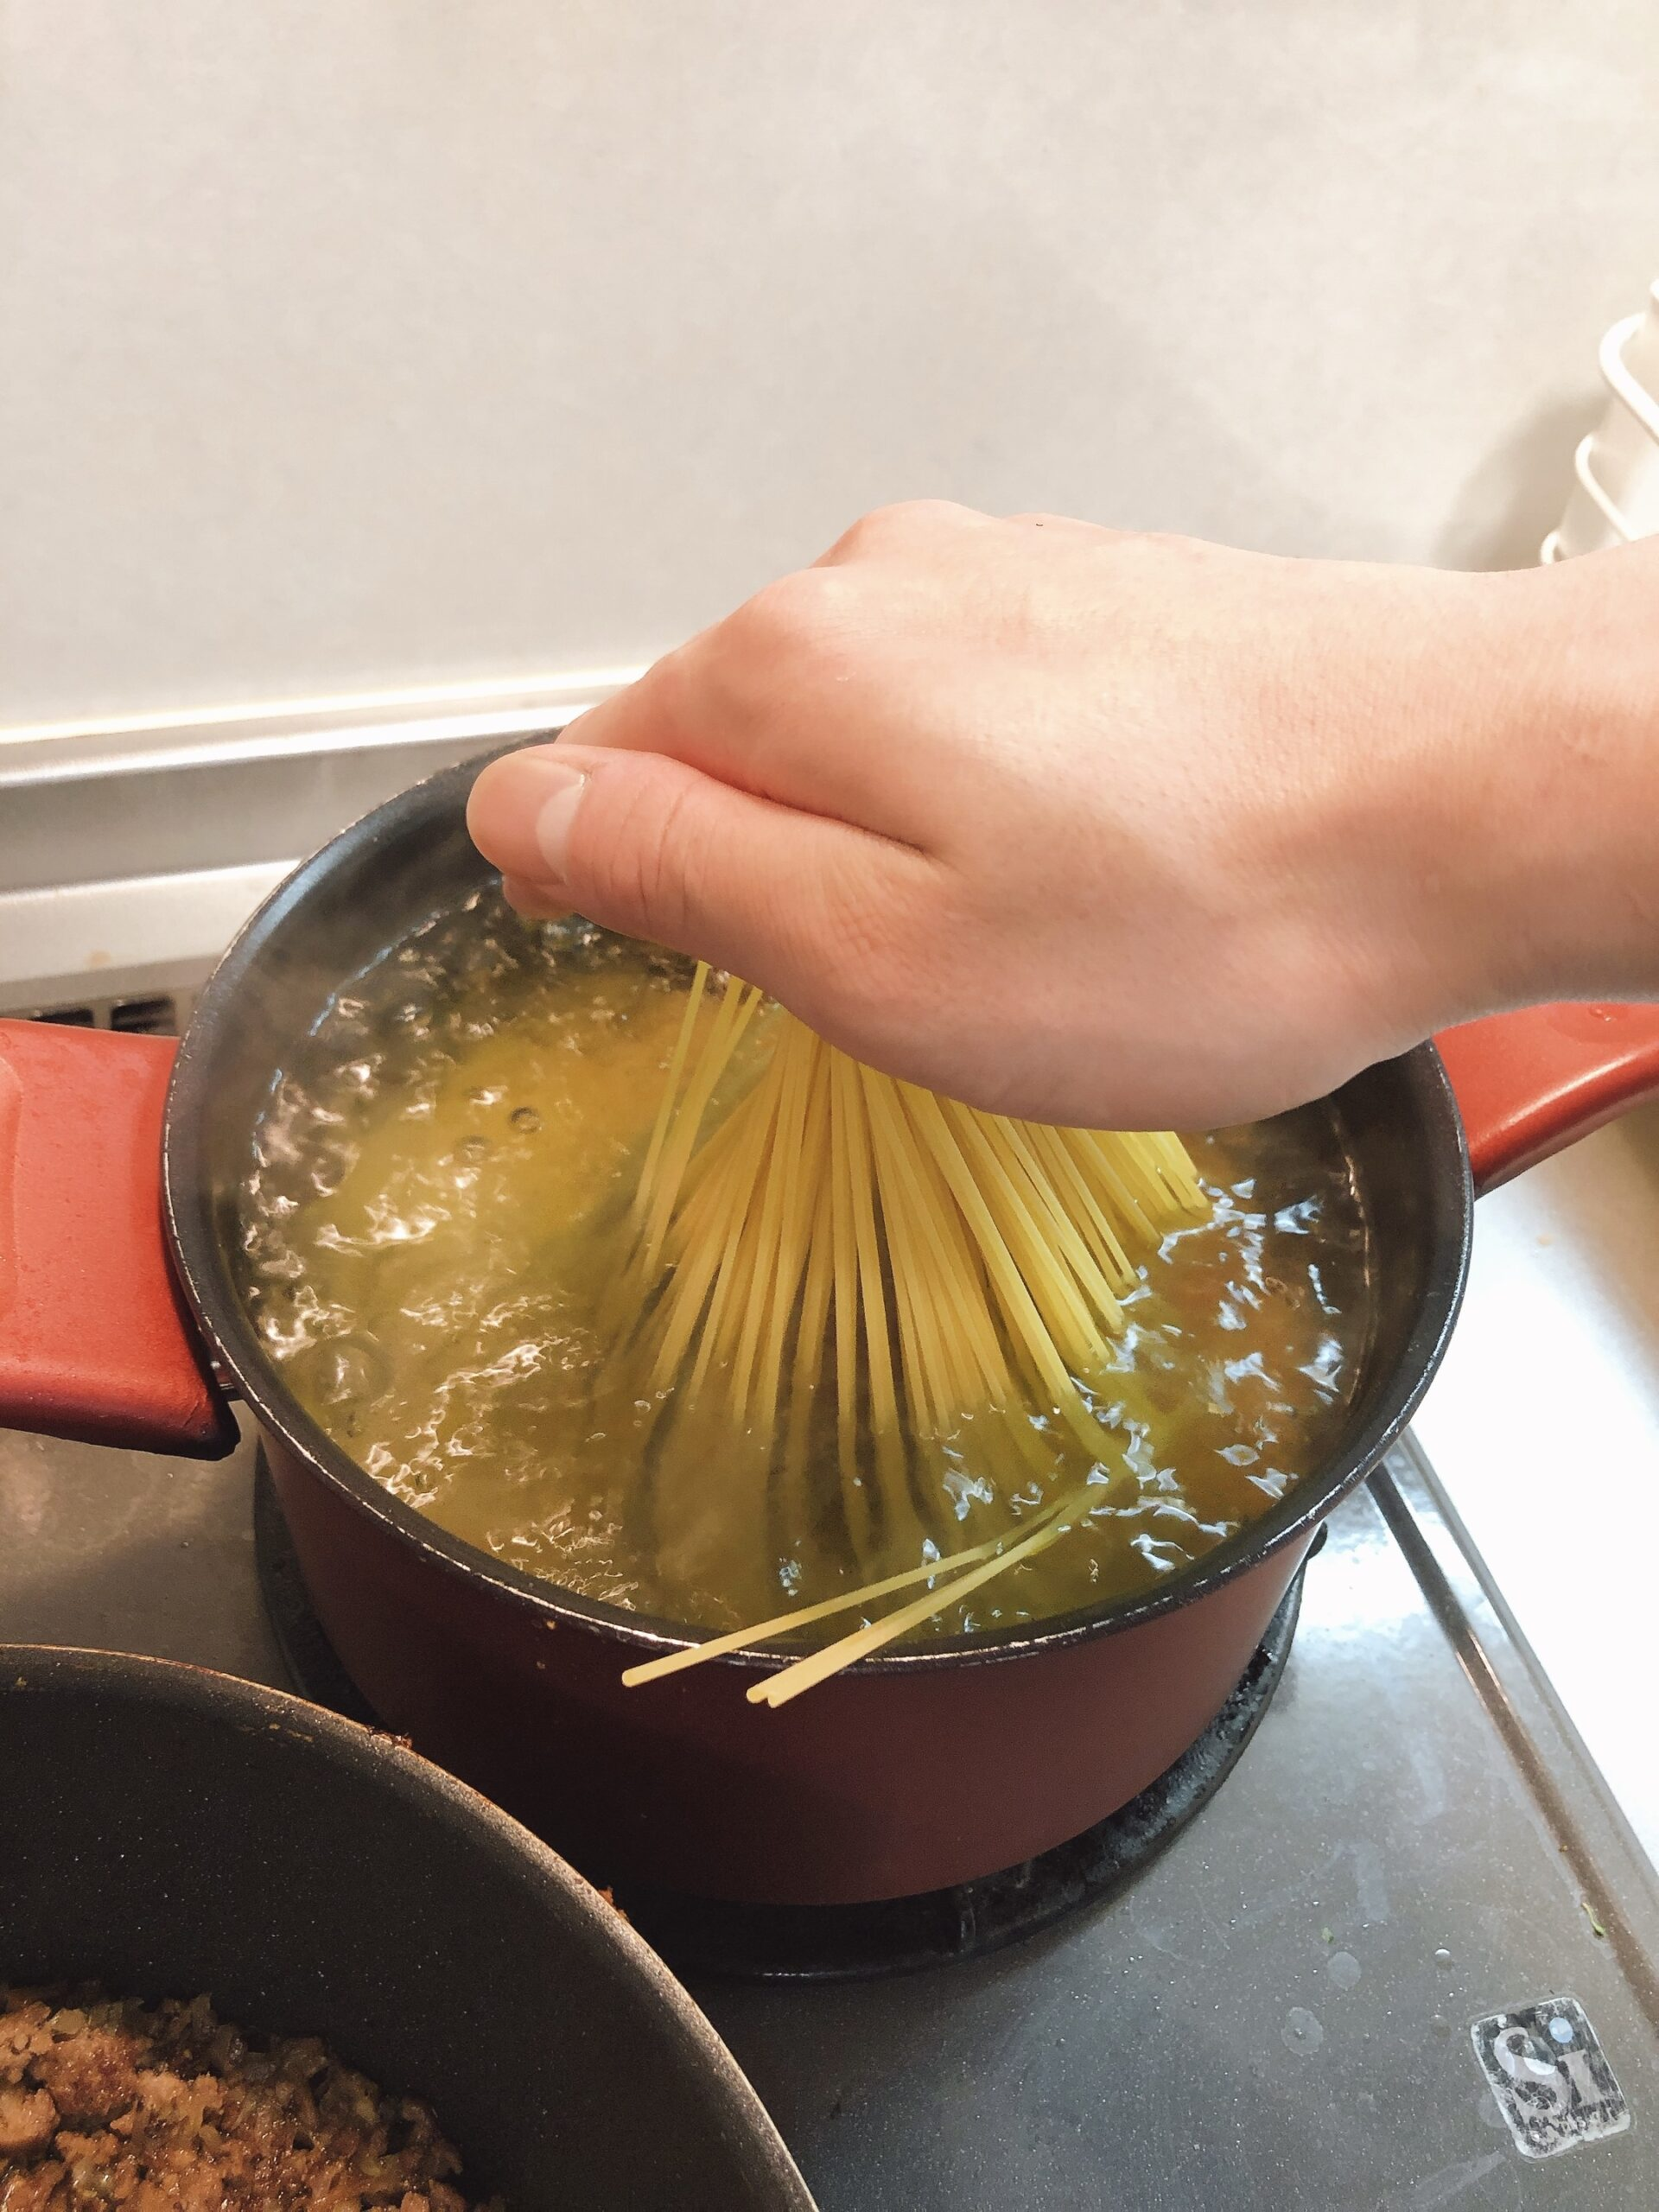 パスタを沸騰したお湯に入れている様子の画像です